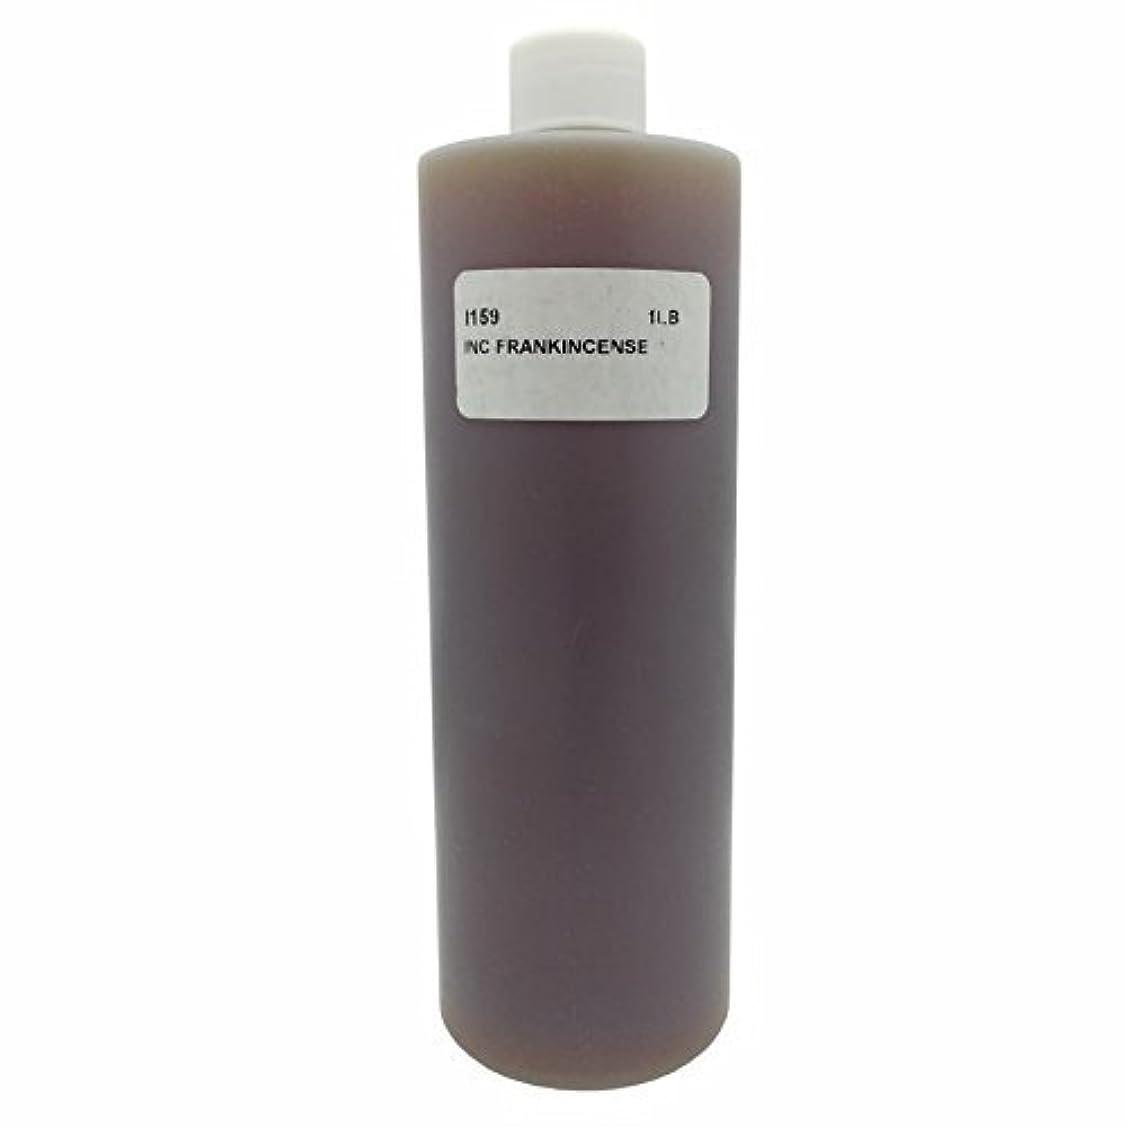 マニアックスペースフェリーBargz Perfume?–?Frankincense Incenseオイル香りフレグランス